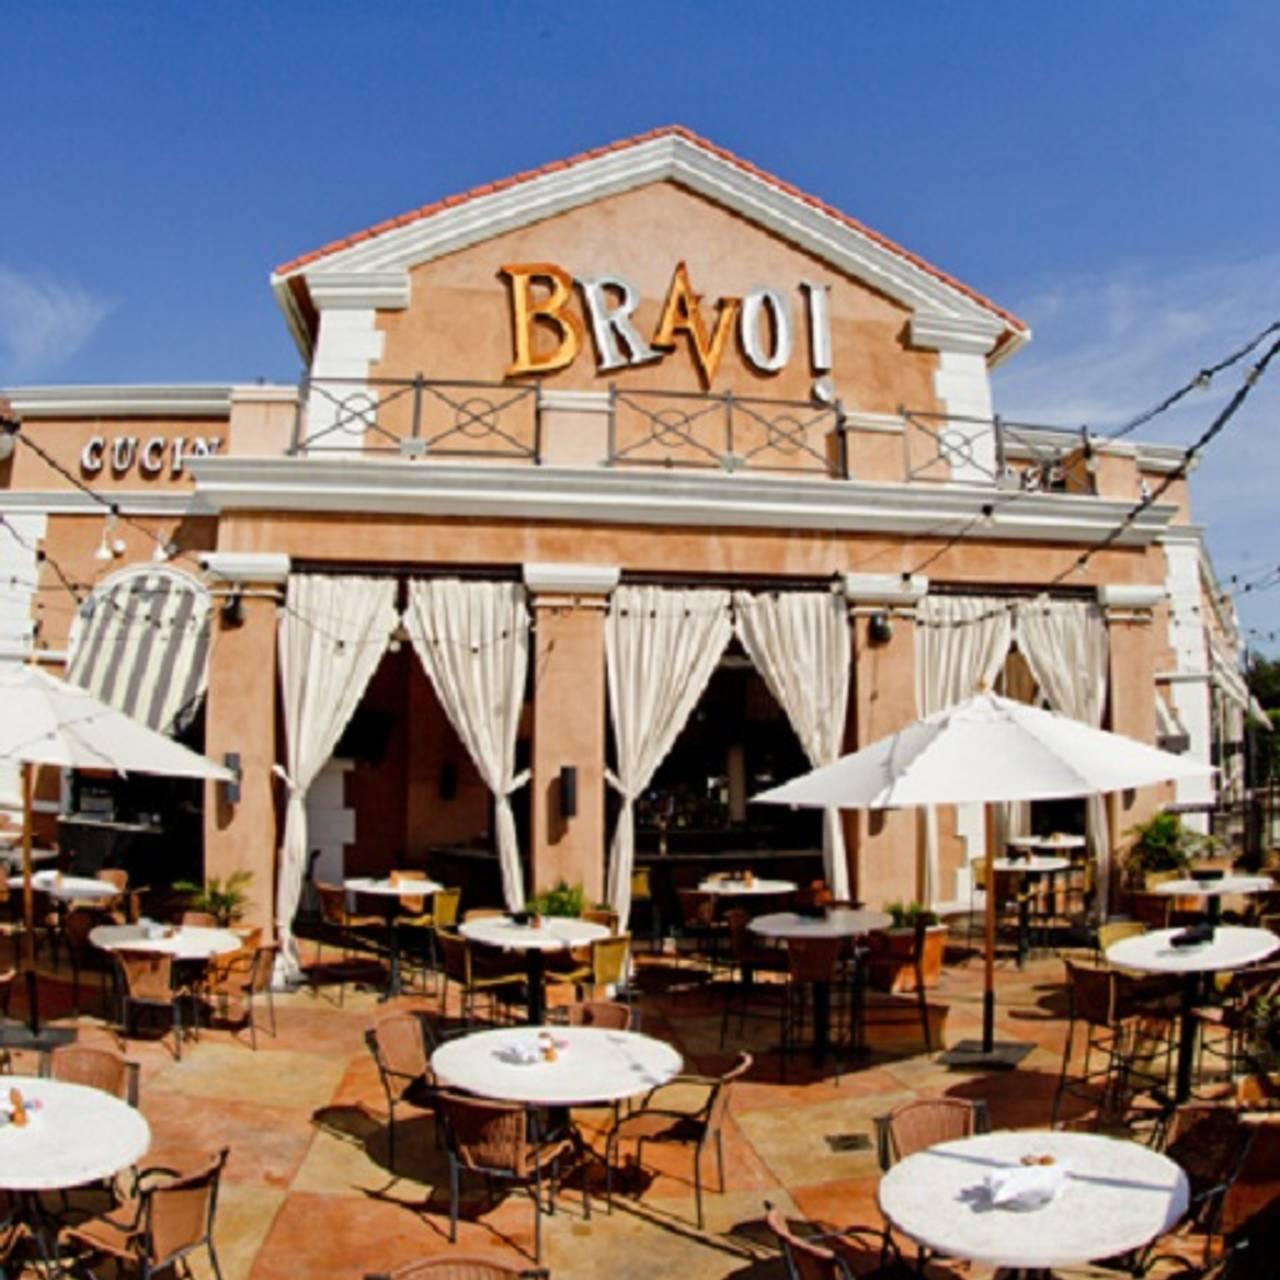 Bravo Cucina Italiana Orlando Dellagio Fl